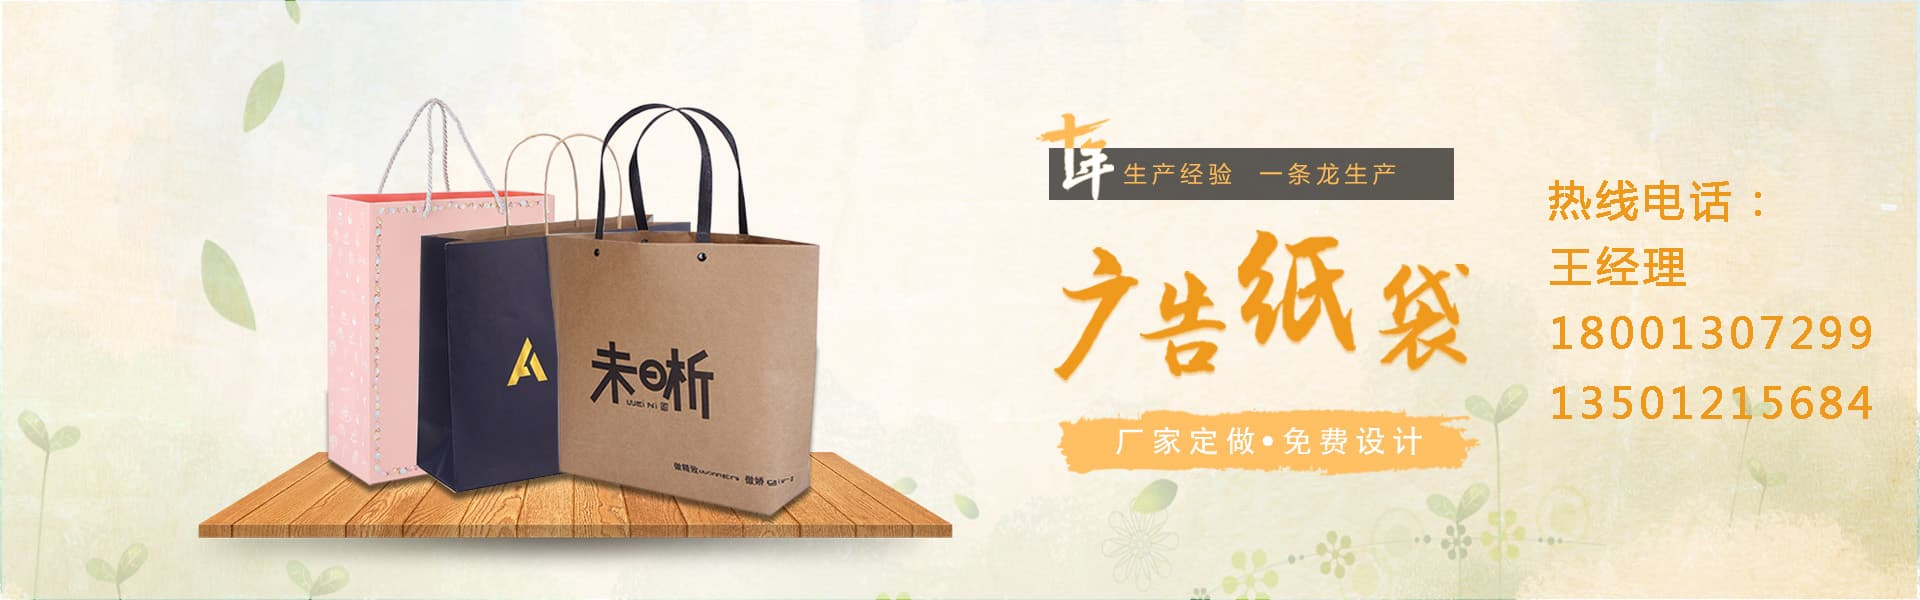 雷火电竞平台官网雷火电竞app ios下载公司